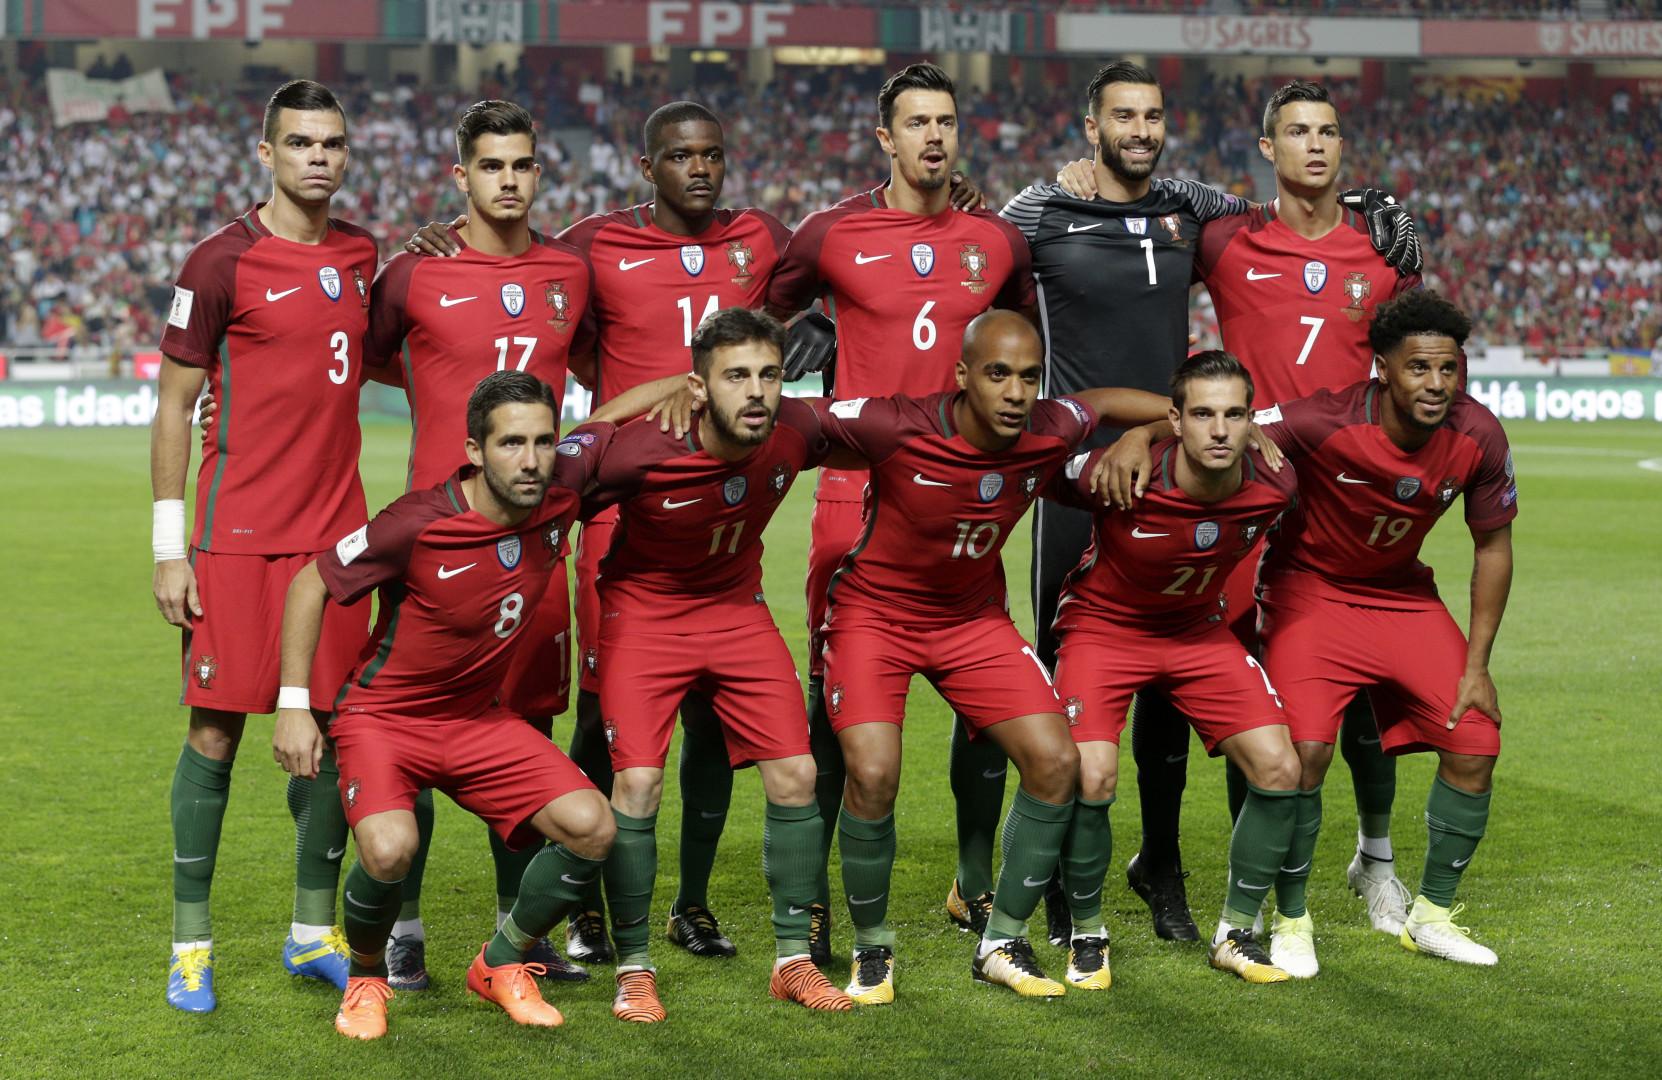 Coupe du Monde 2018 : le Portugal est dans le groupe B